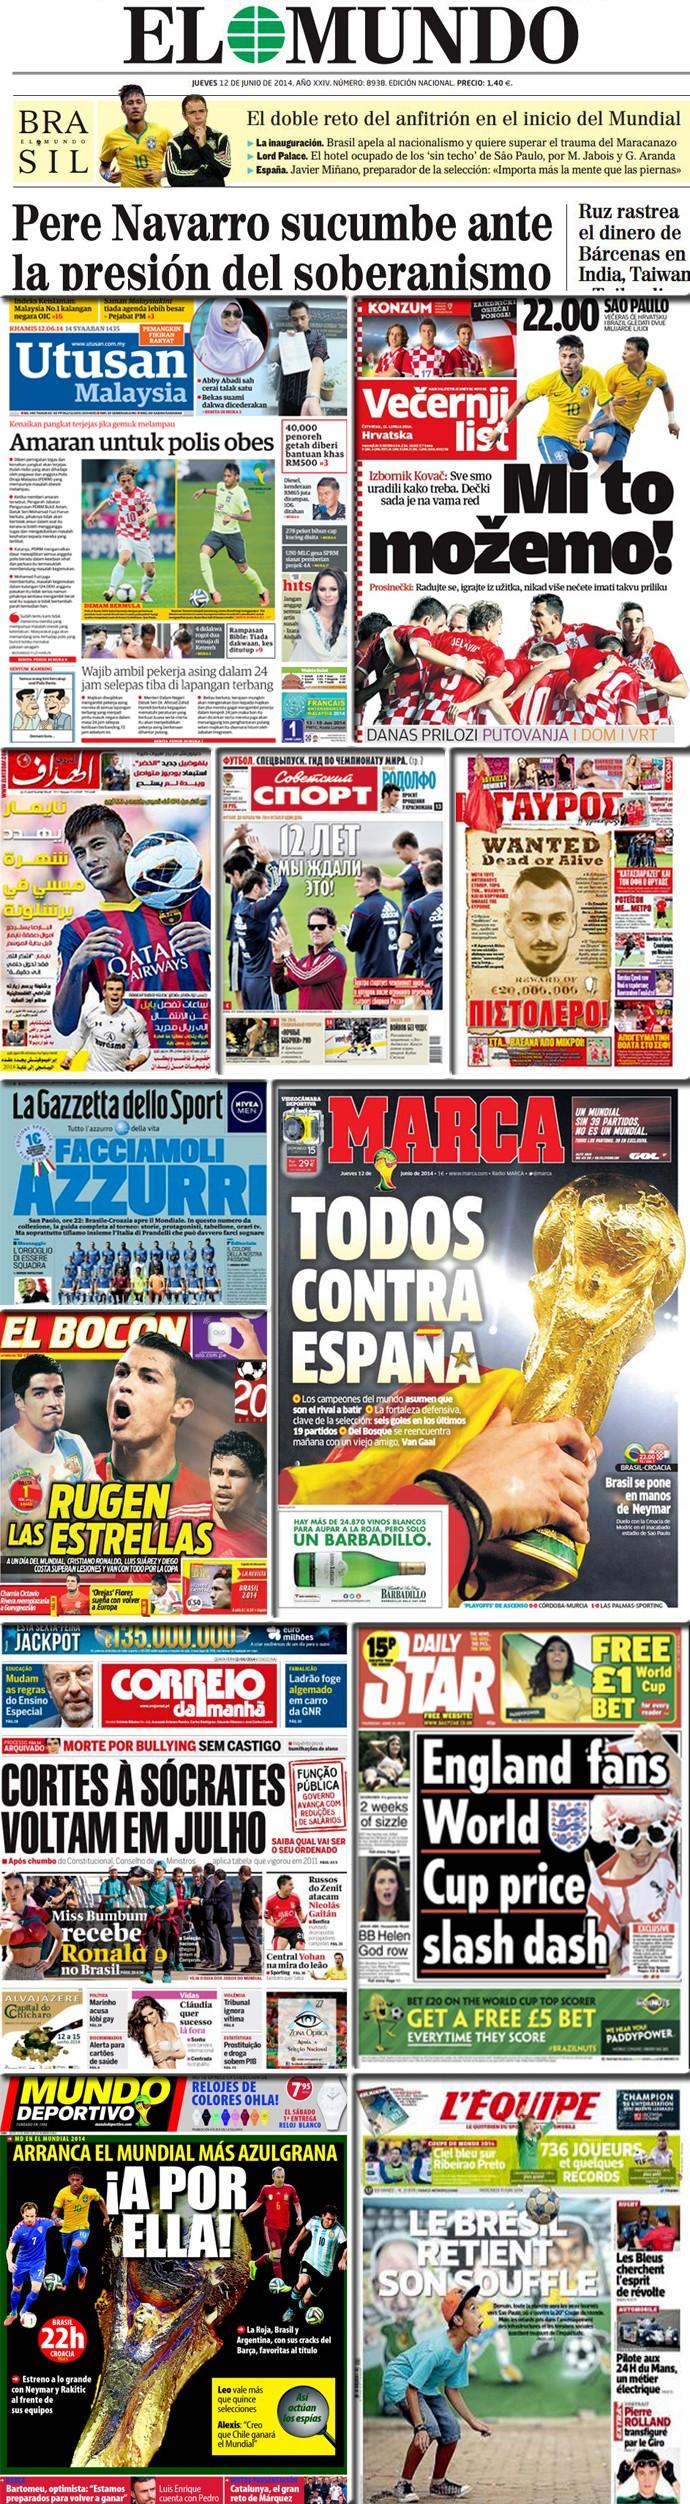 Mosaico - Jornais Copa do Mundo